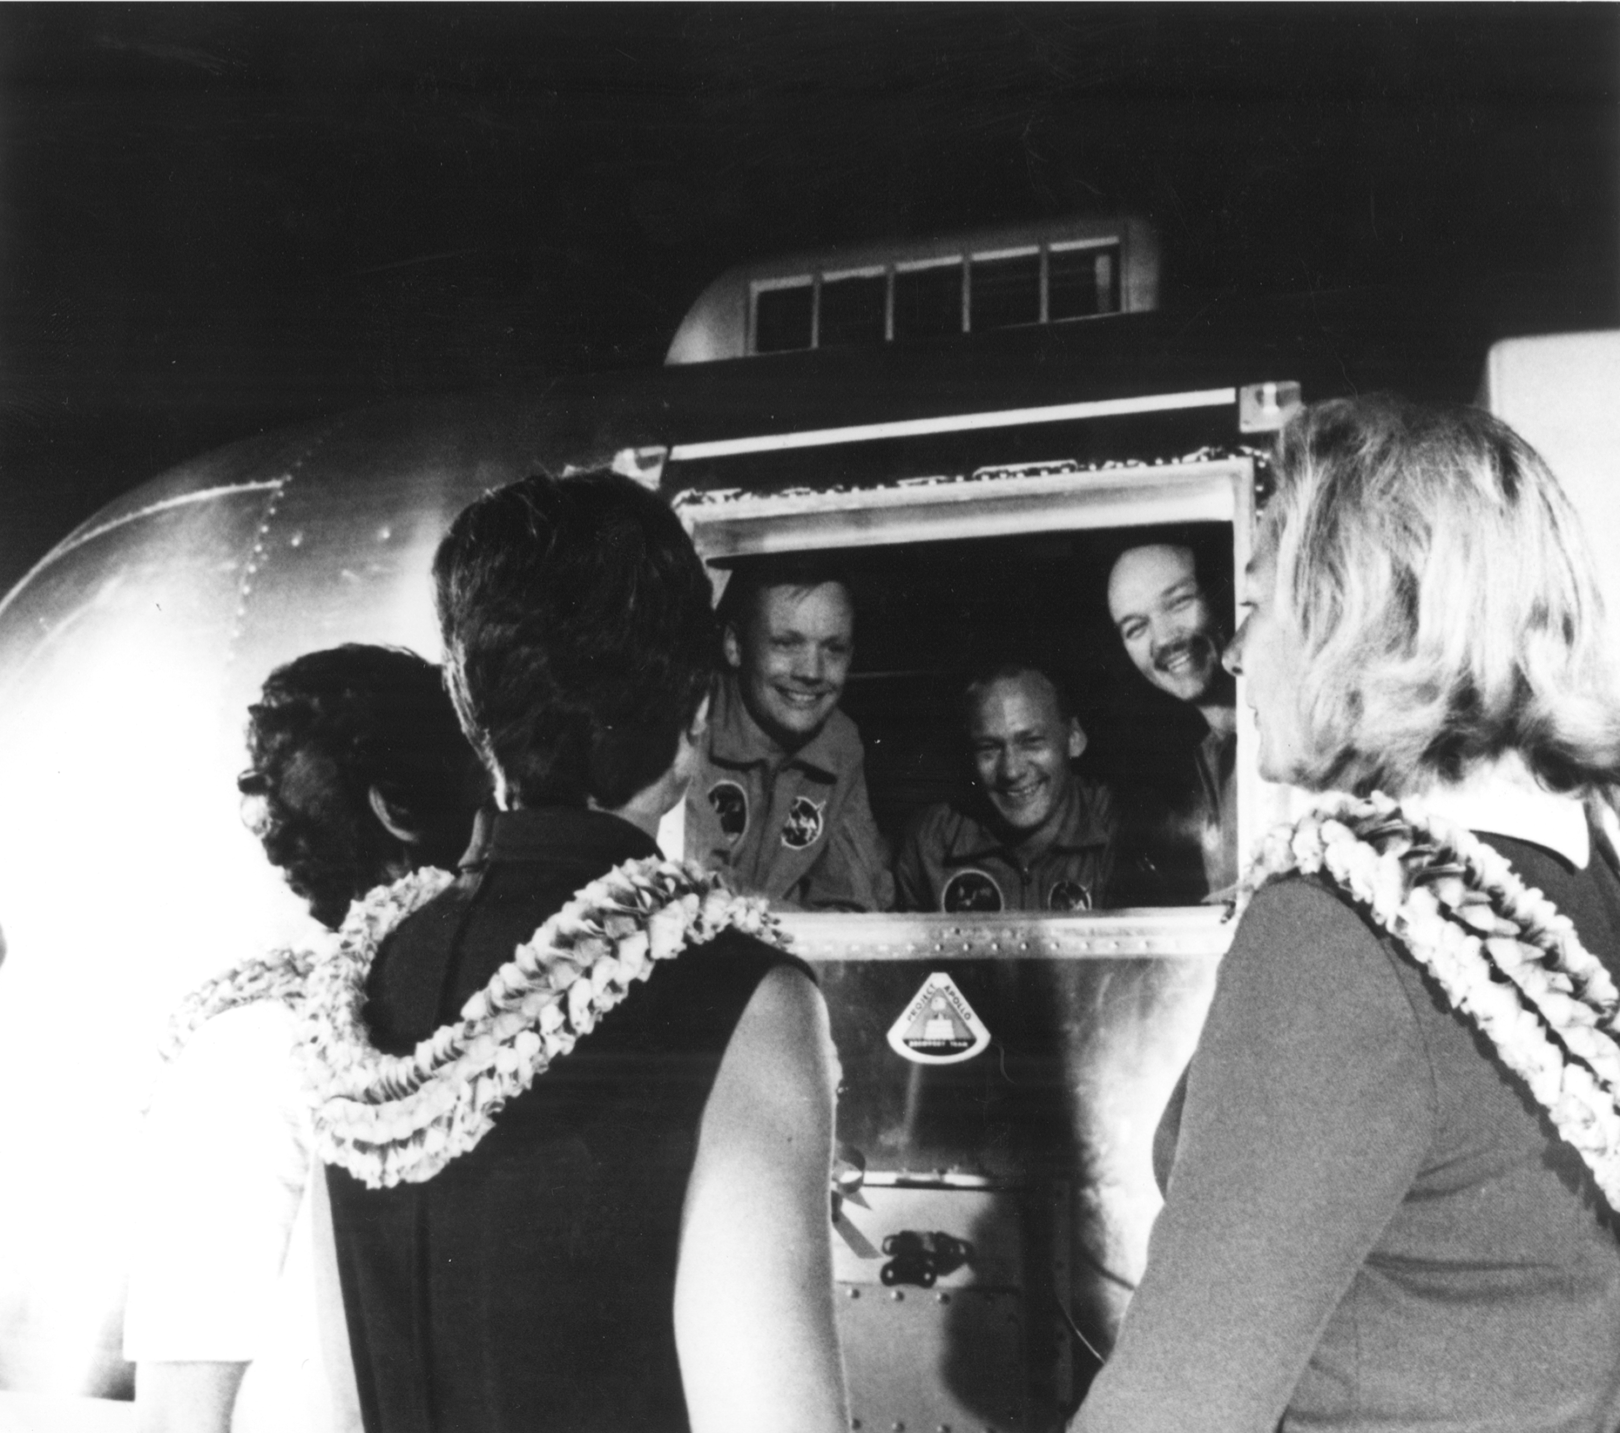 Apollo 11 astronauts in Quarantine